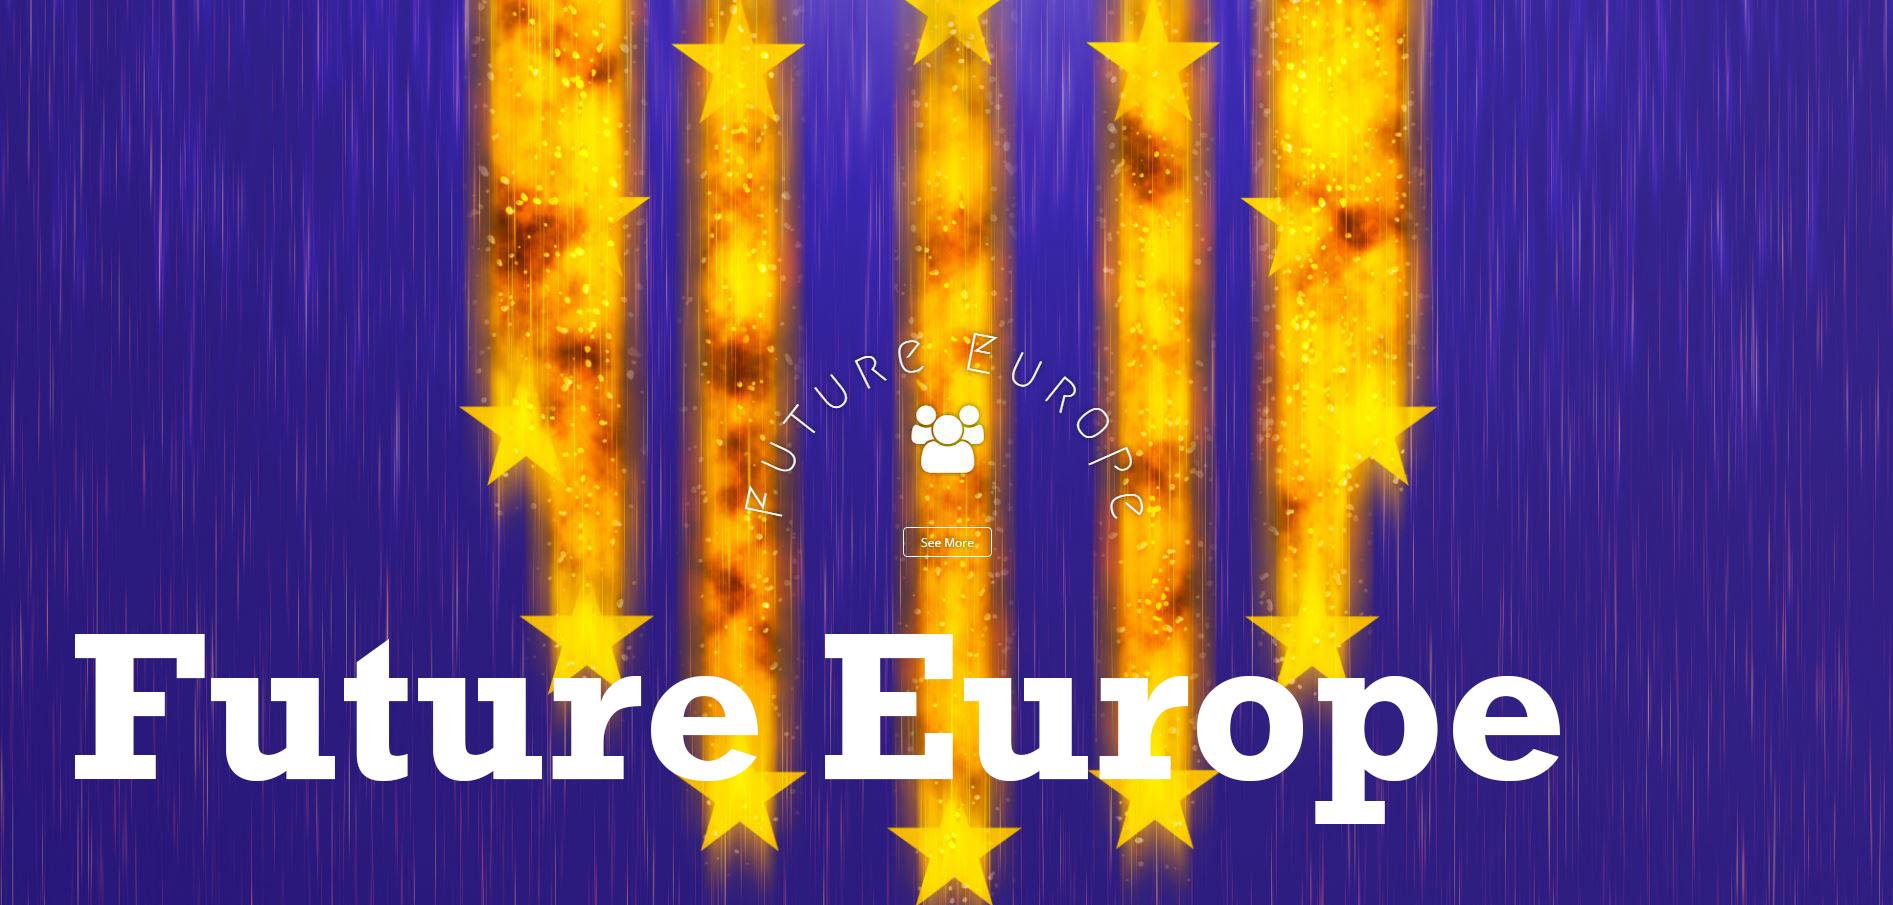 future-europe1